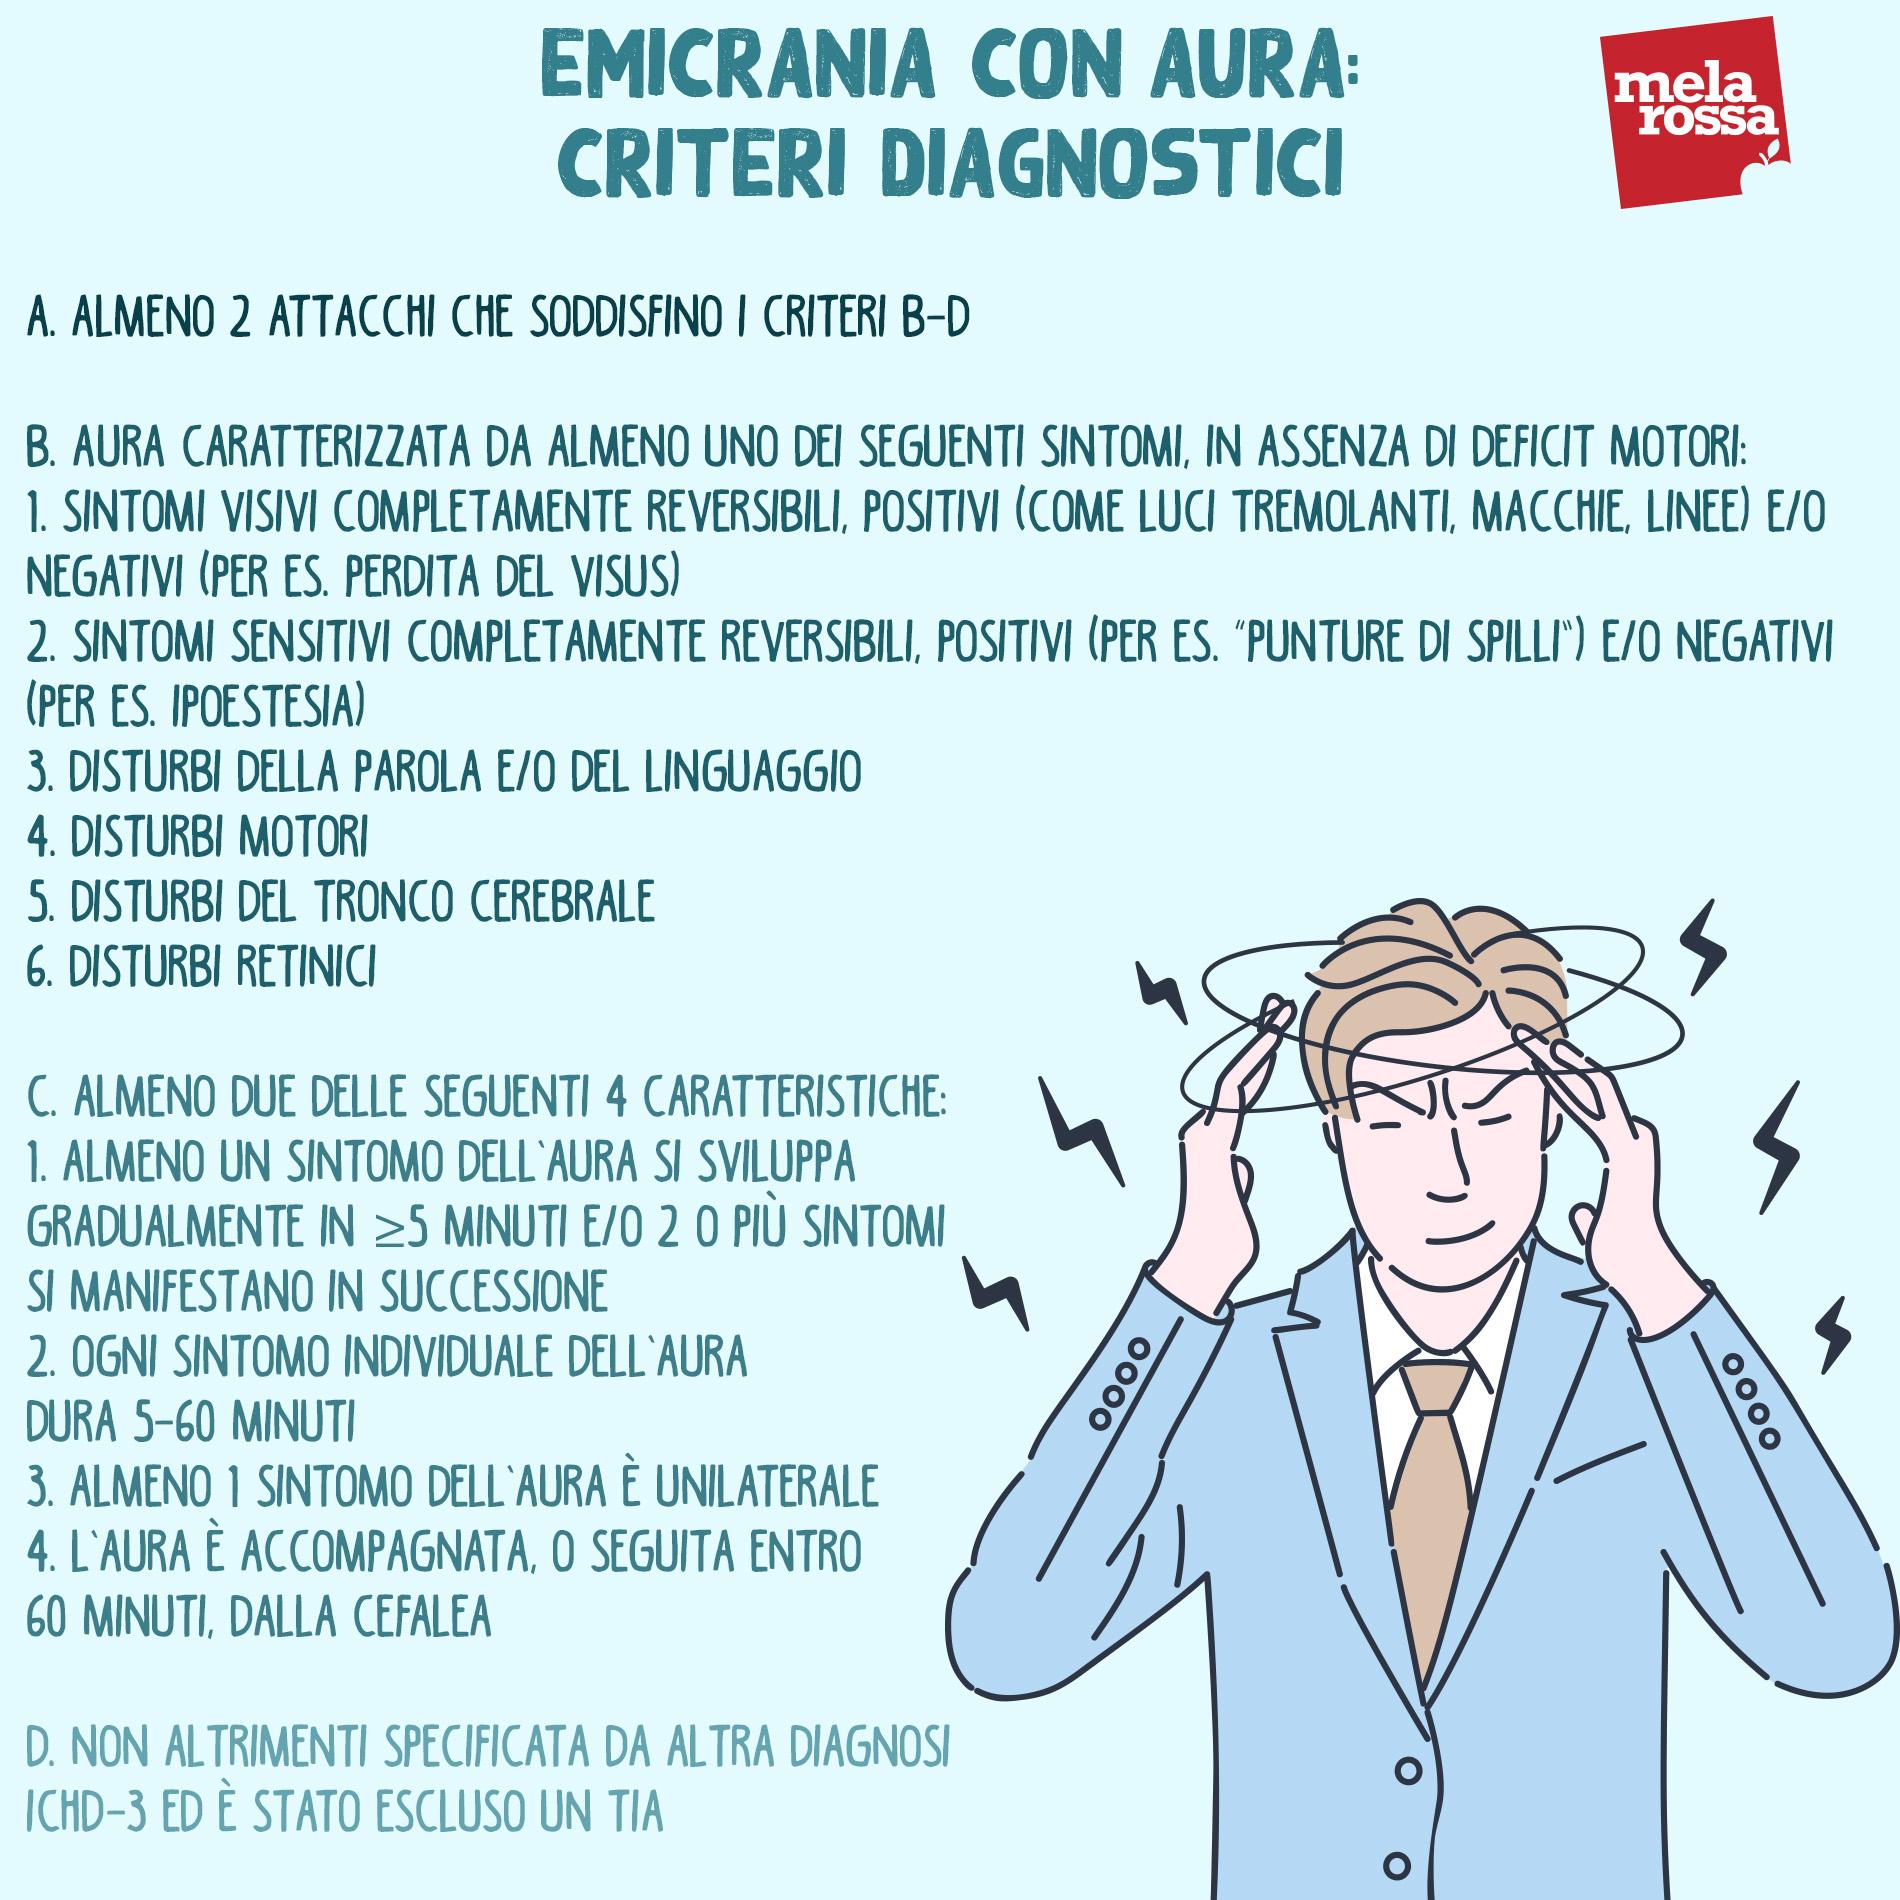 migraña con aura